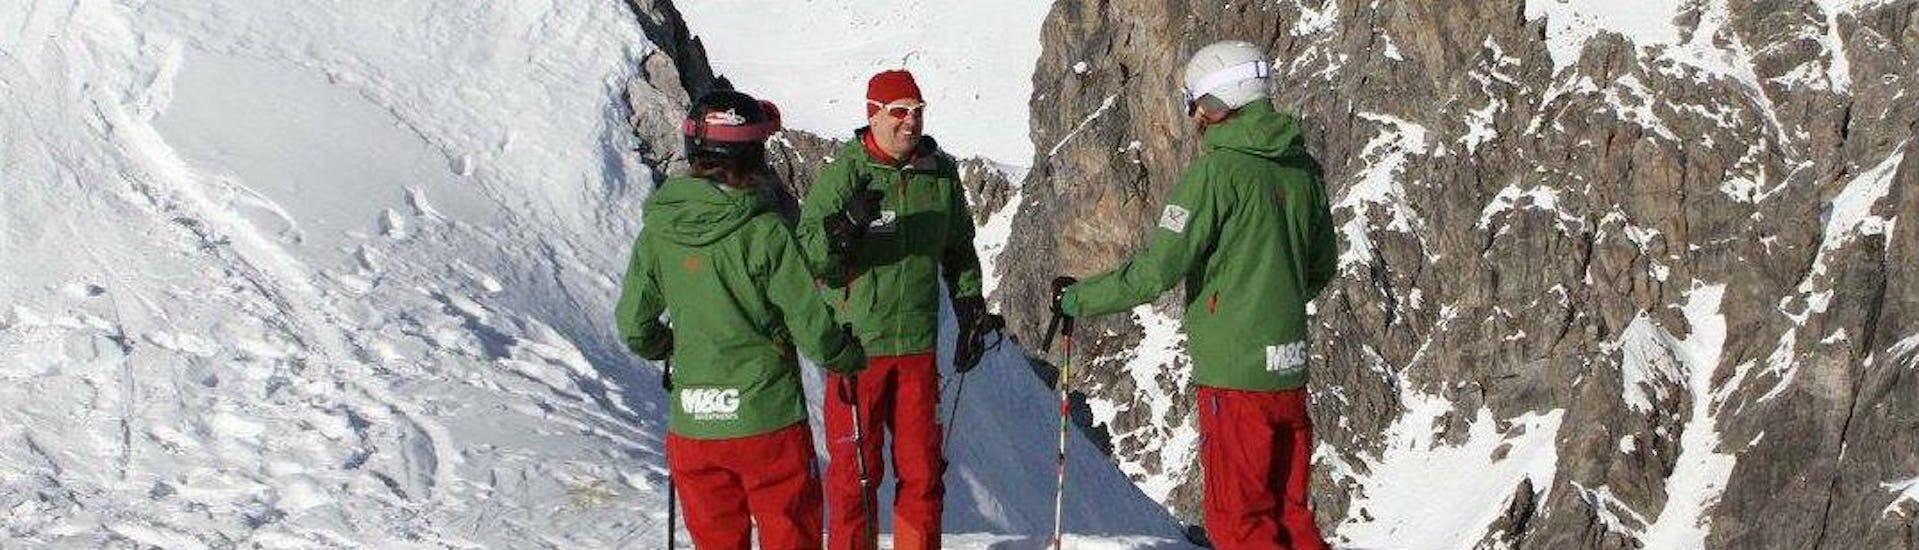 Ski Safari Arlberg